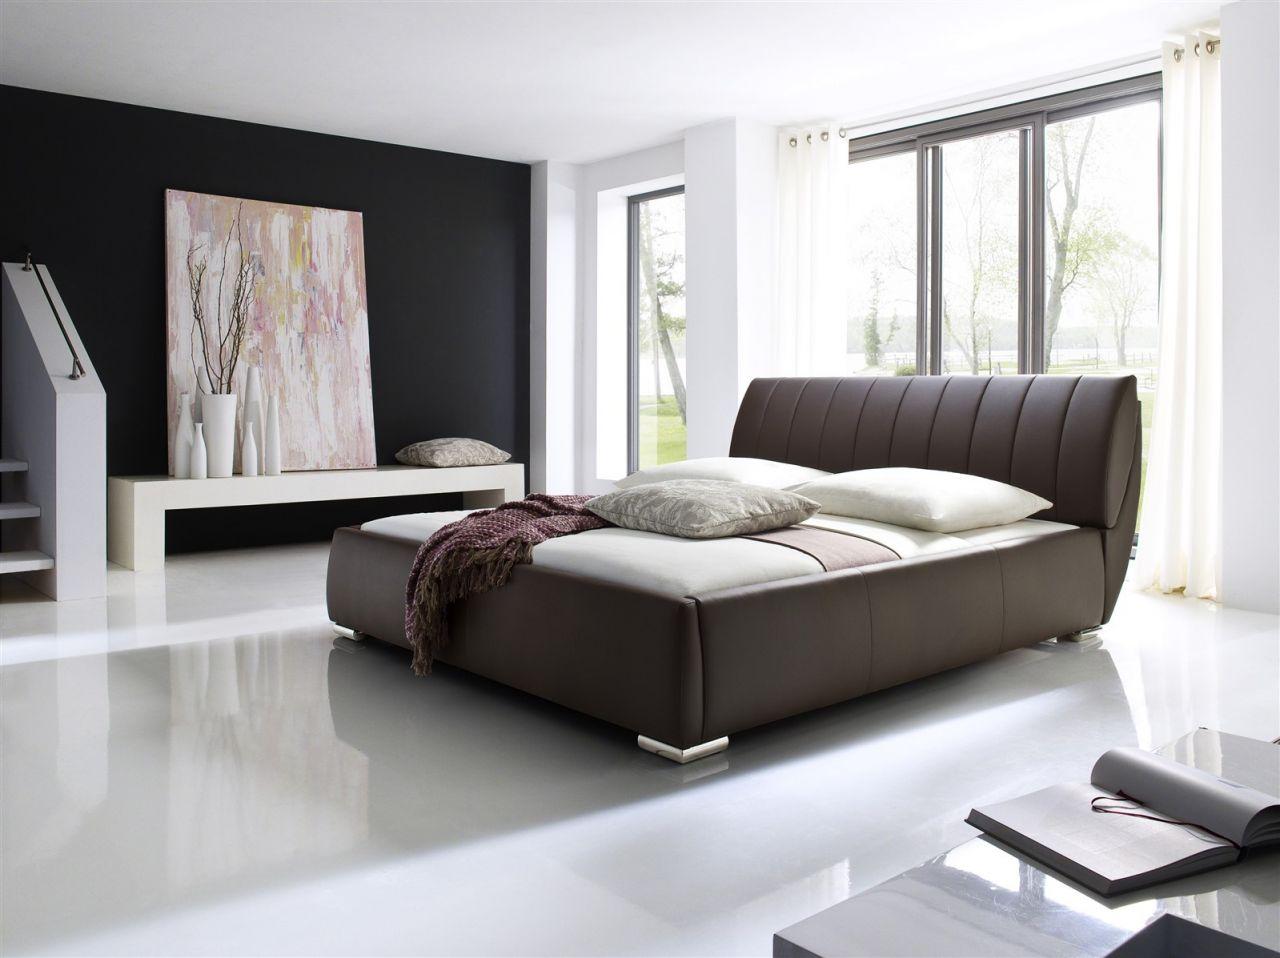 Malerisch Doppelbett Mit Bettkasten Galerie Von Polsterbett Bett -wien - 180x200cm Inkl. Bettkasten+lattenroste